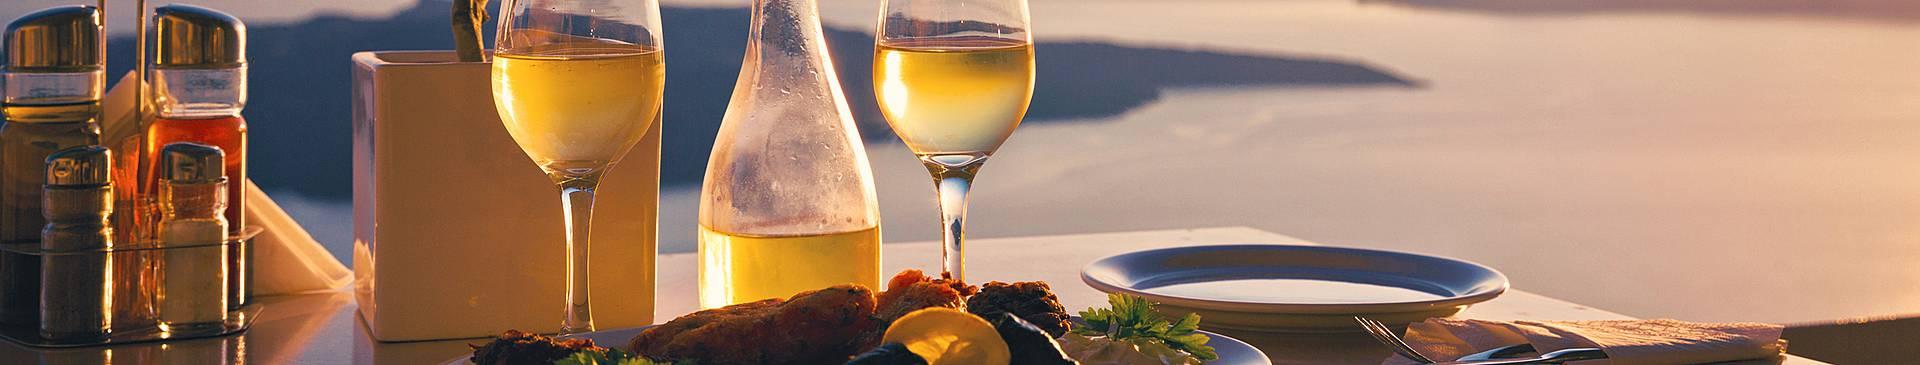 Kulinarische Reisen Griechenland